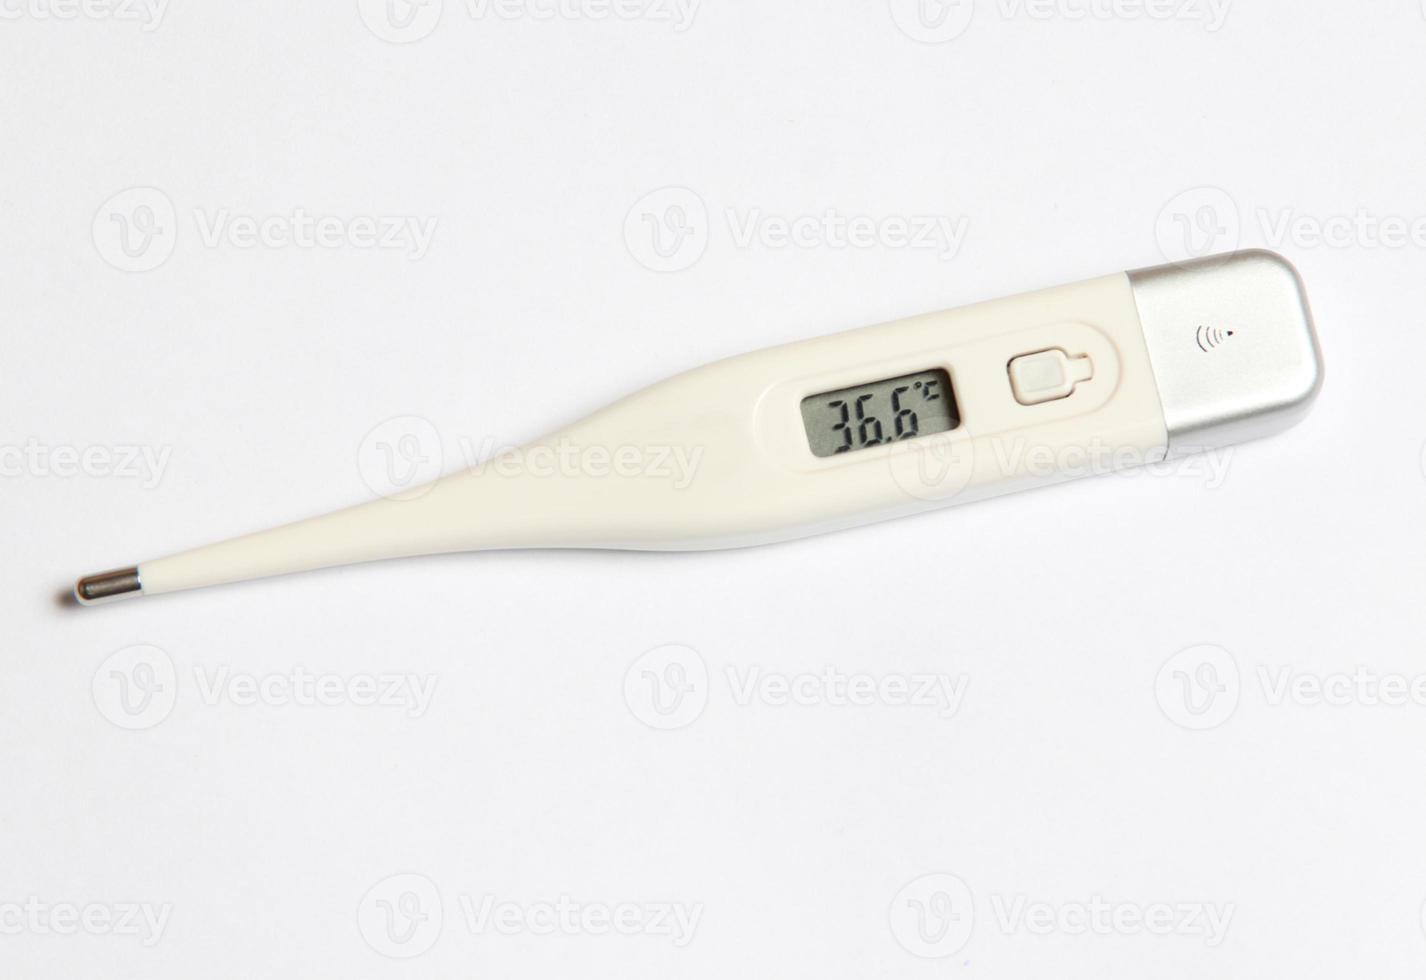 termômetro eletrônico em um fundo branco foto